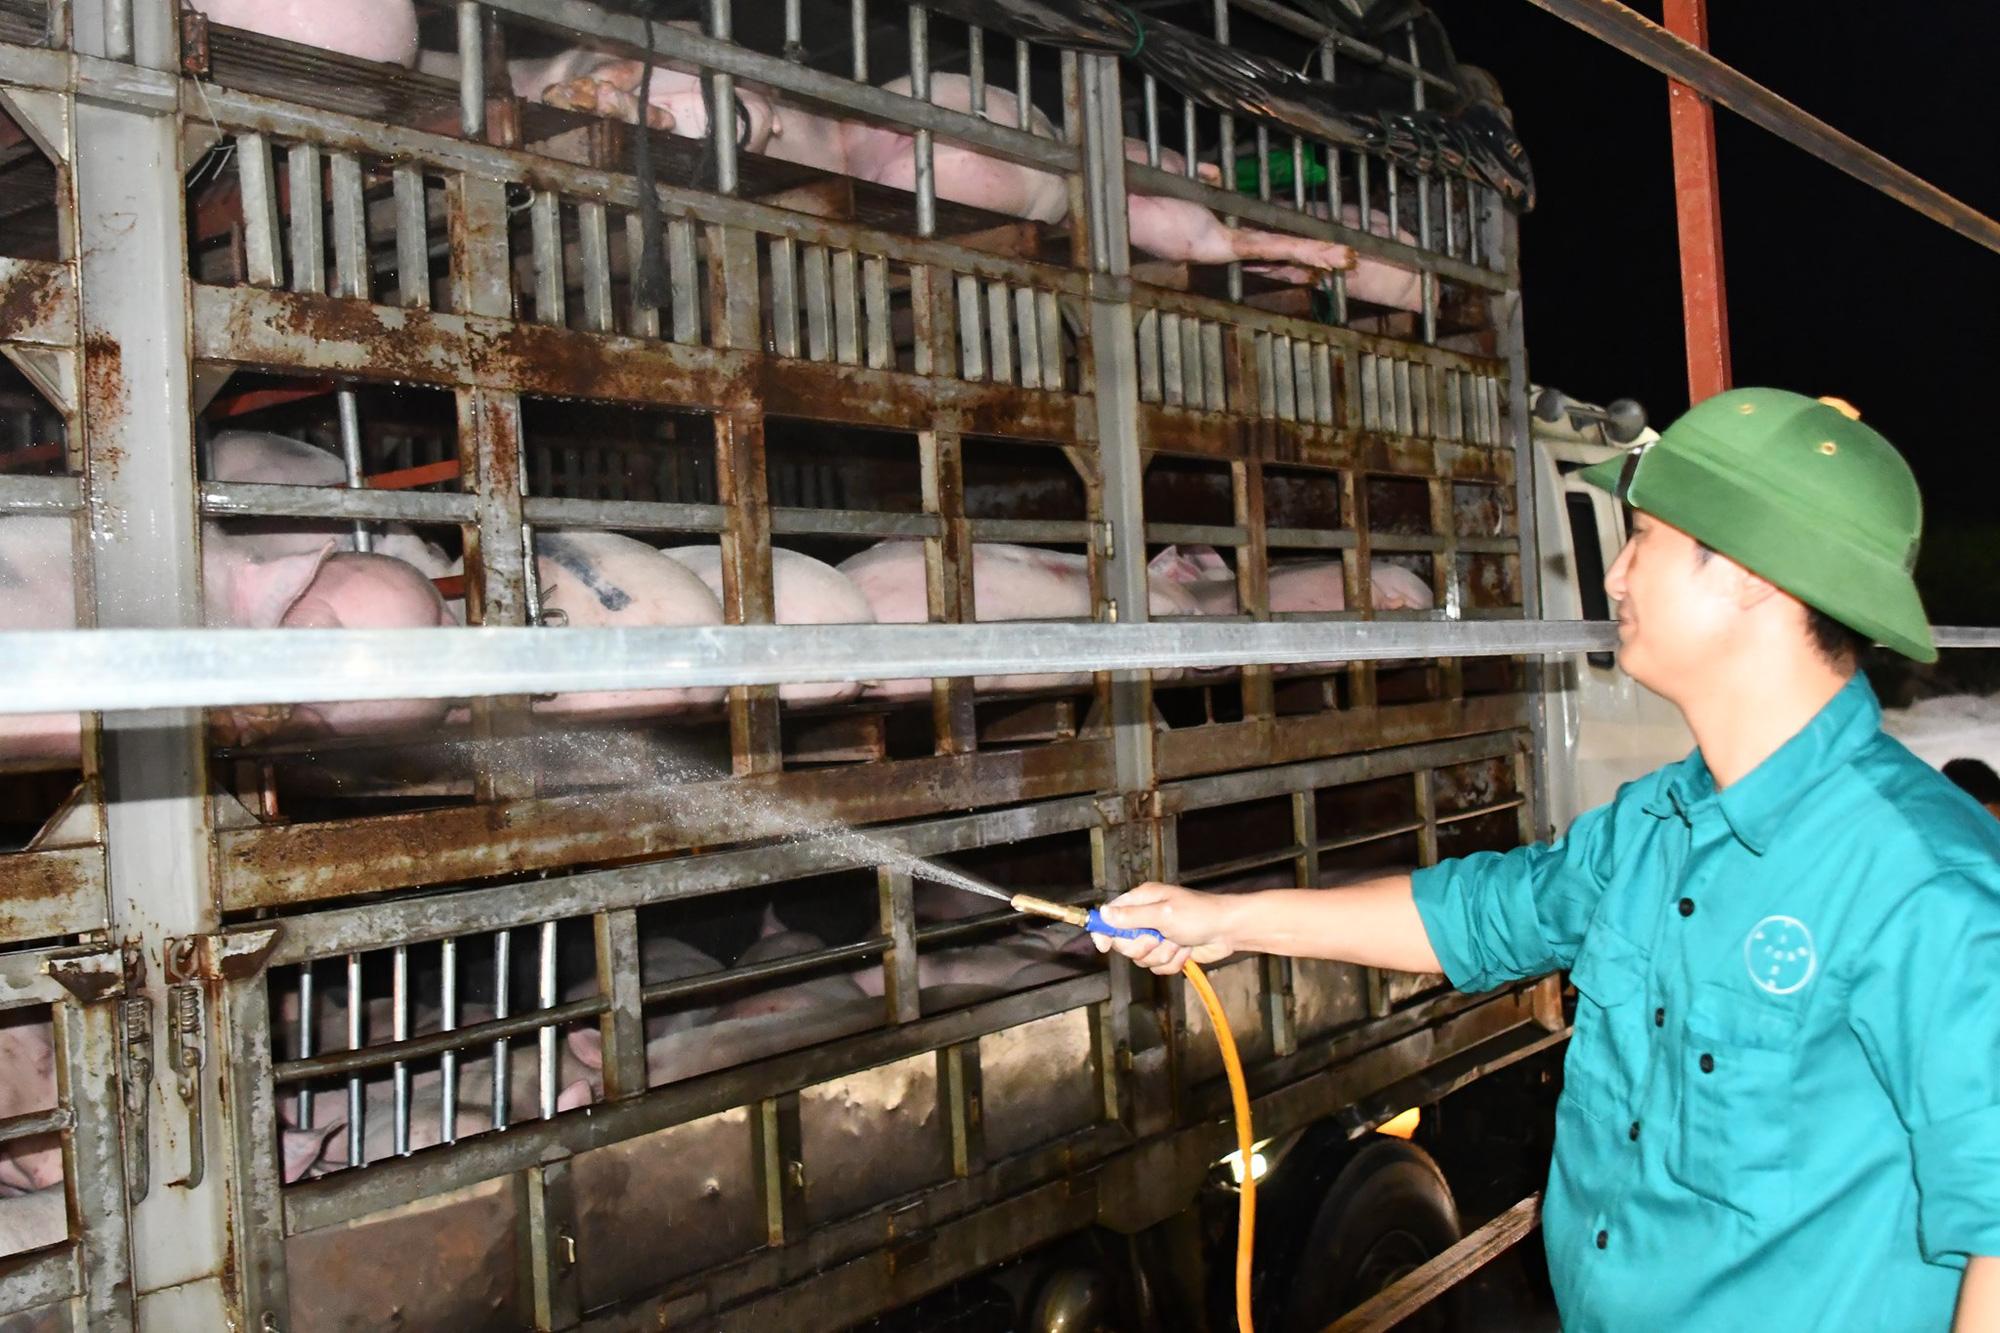 Bộ trưởng Bộ Nông nghiệp: Giá lợn hơi sẽ giảm khi nhập khẩu lợn sống từ Thái Lan - Ảnh 2.